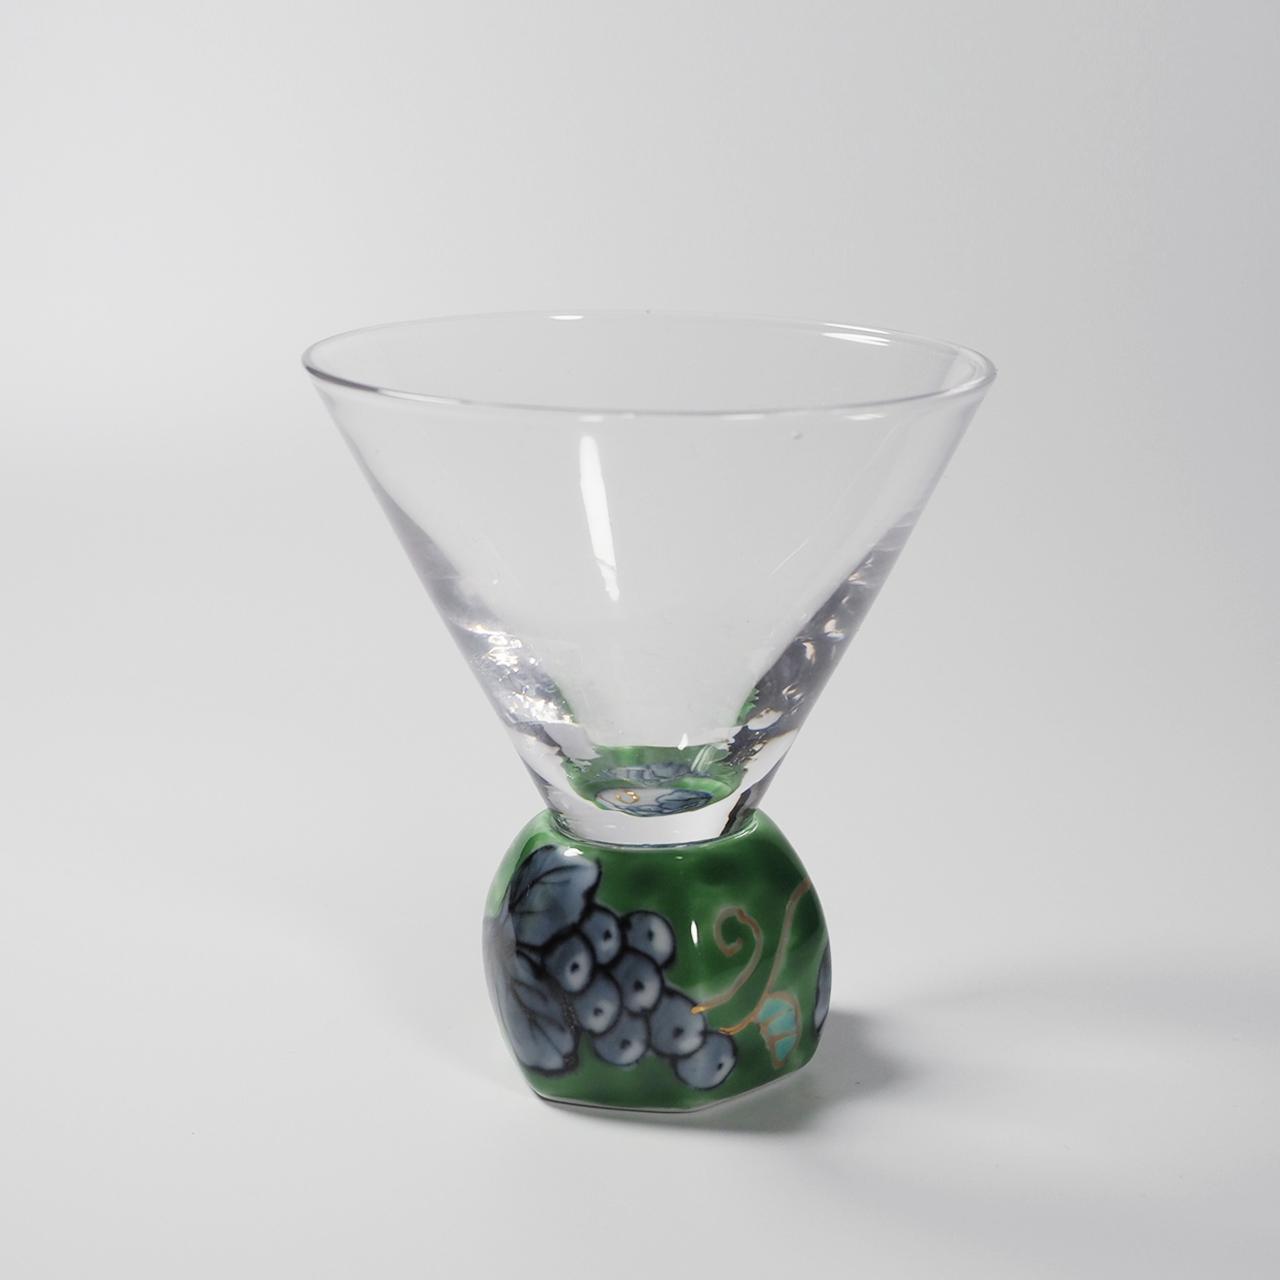 酒グラス(六角) 染錦グリーン 20-001-C